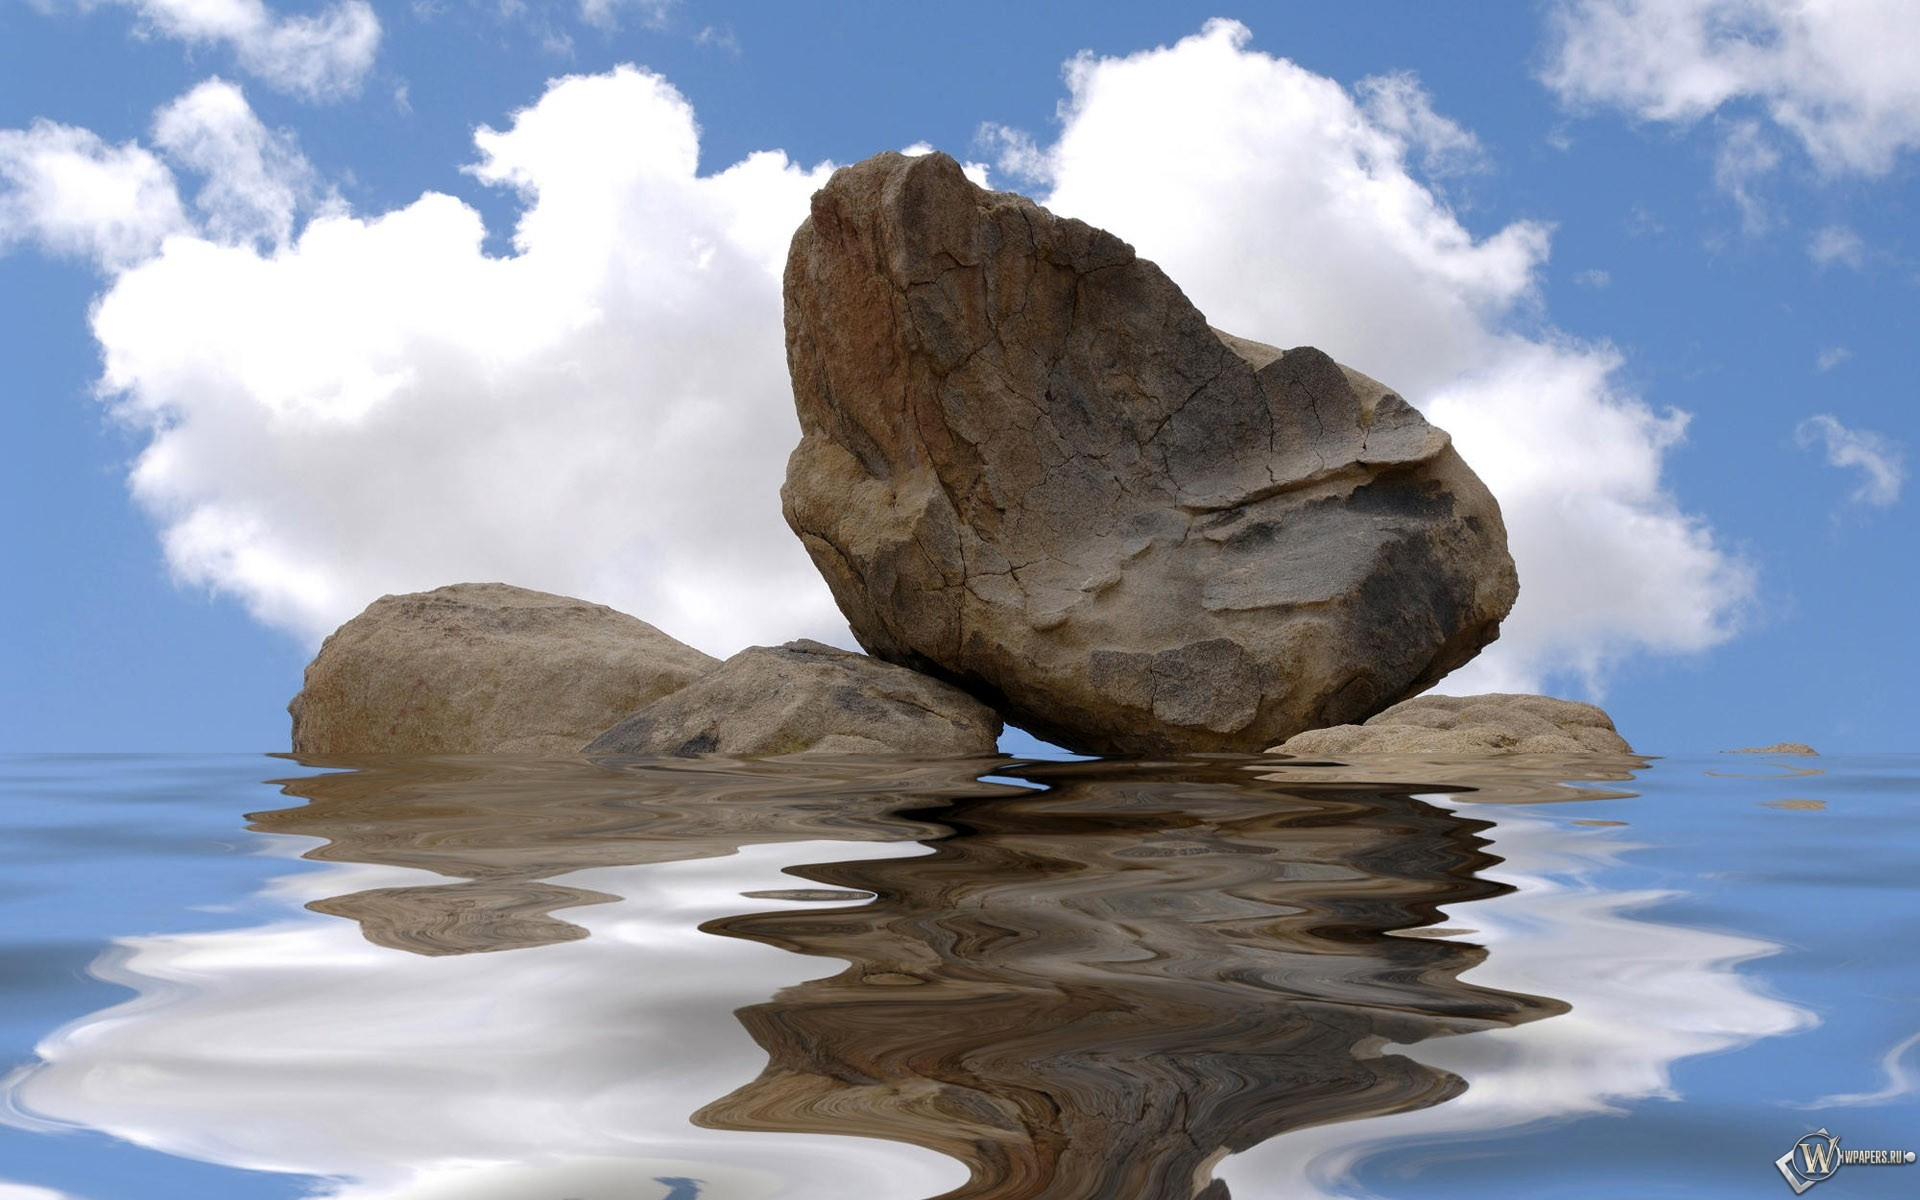 Камни в воде на фоне неба 1920x1200